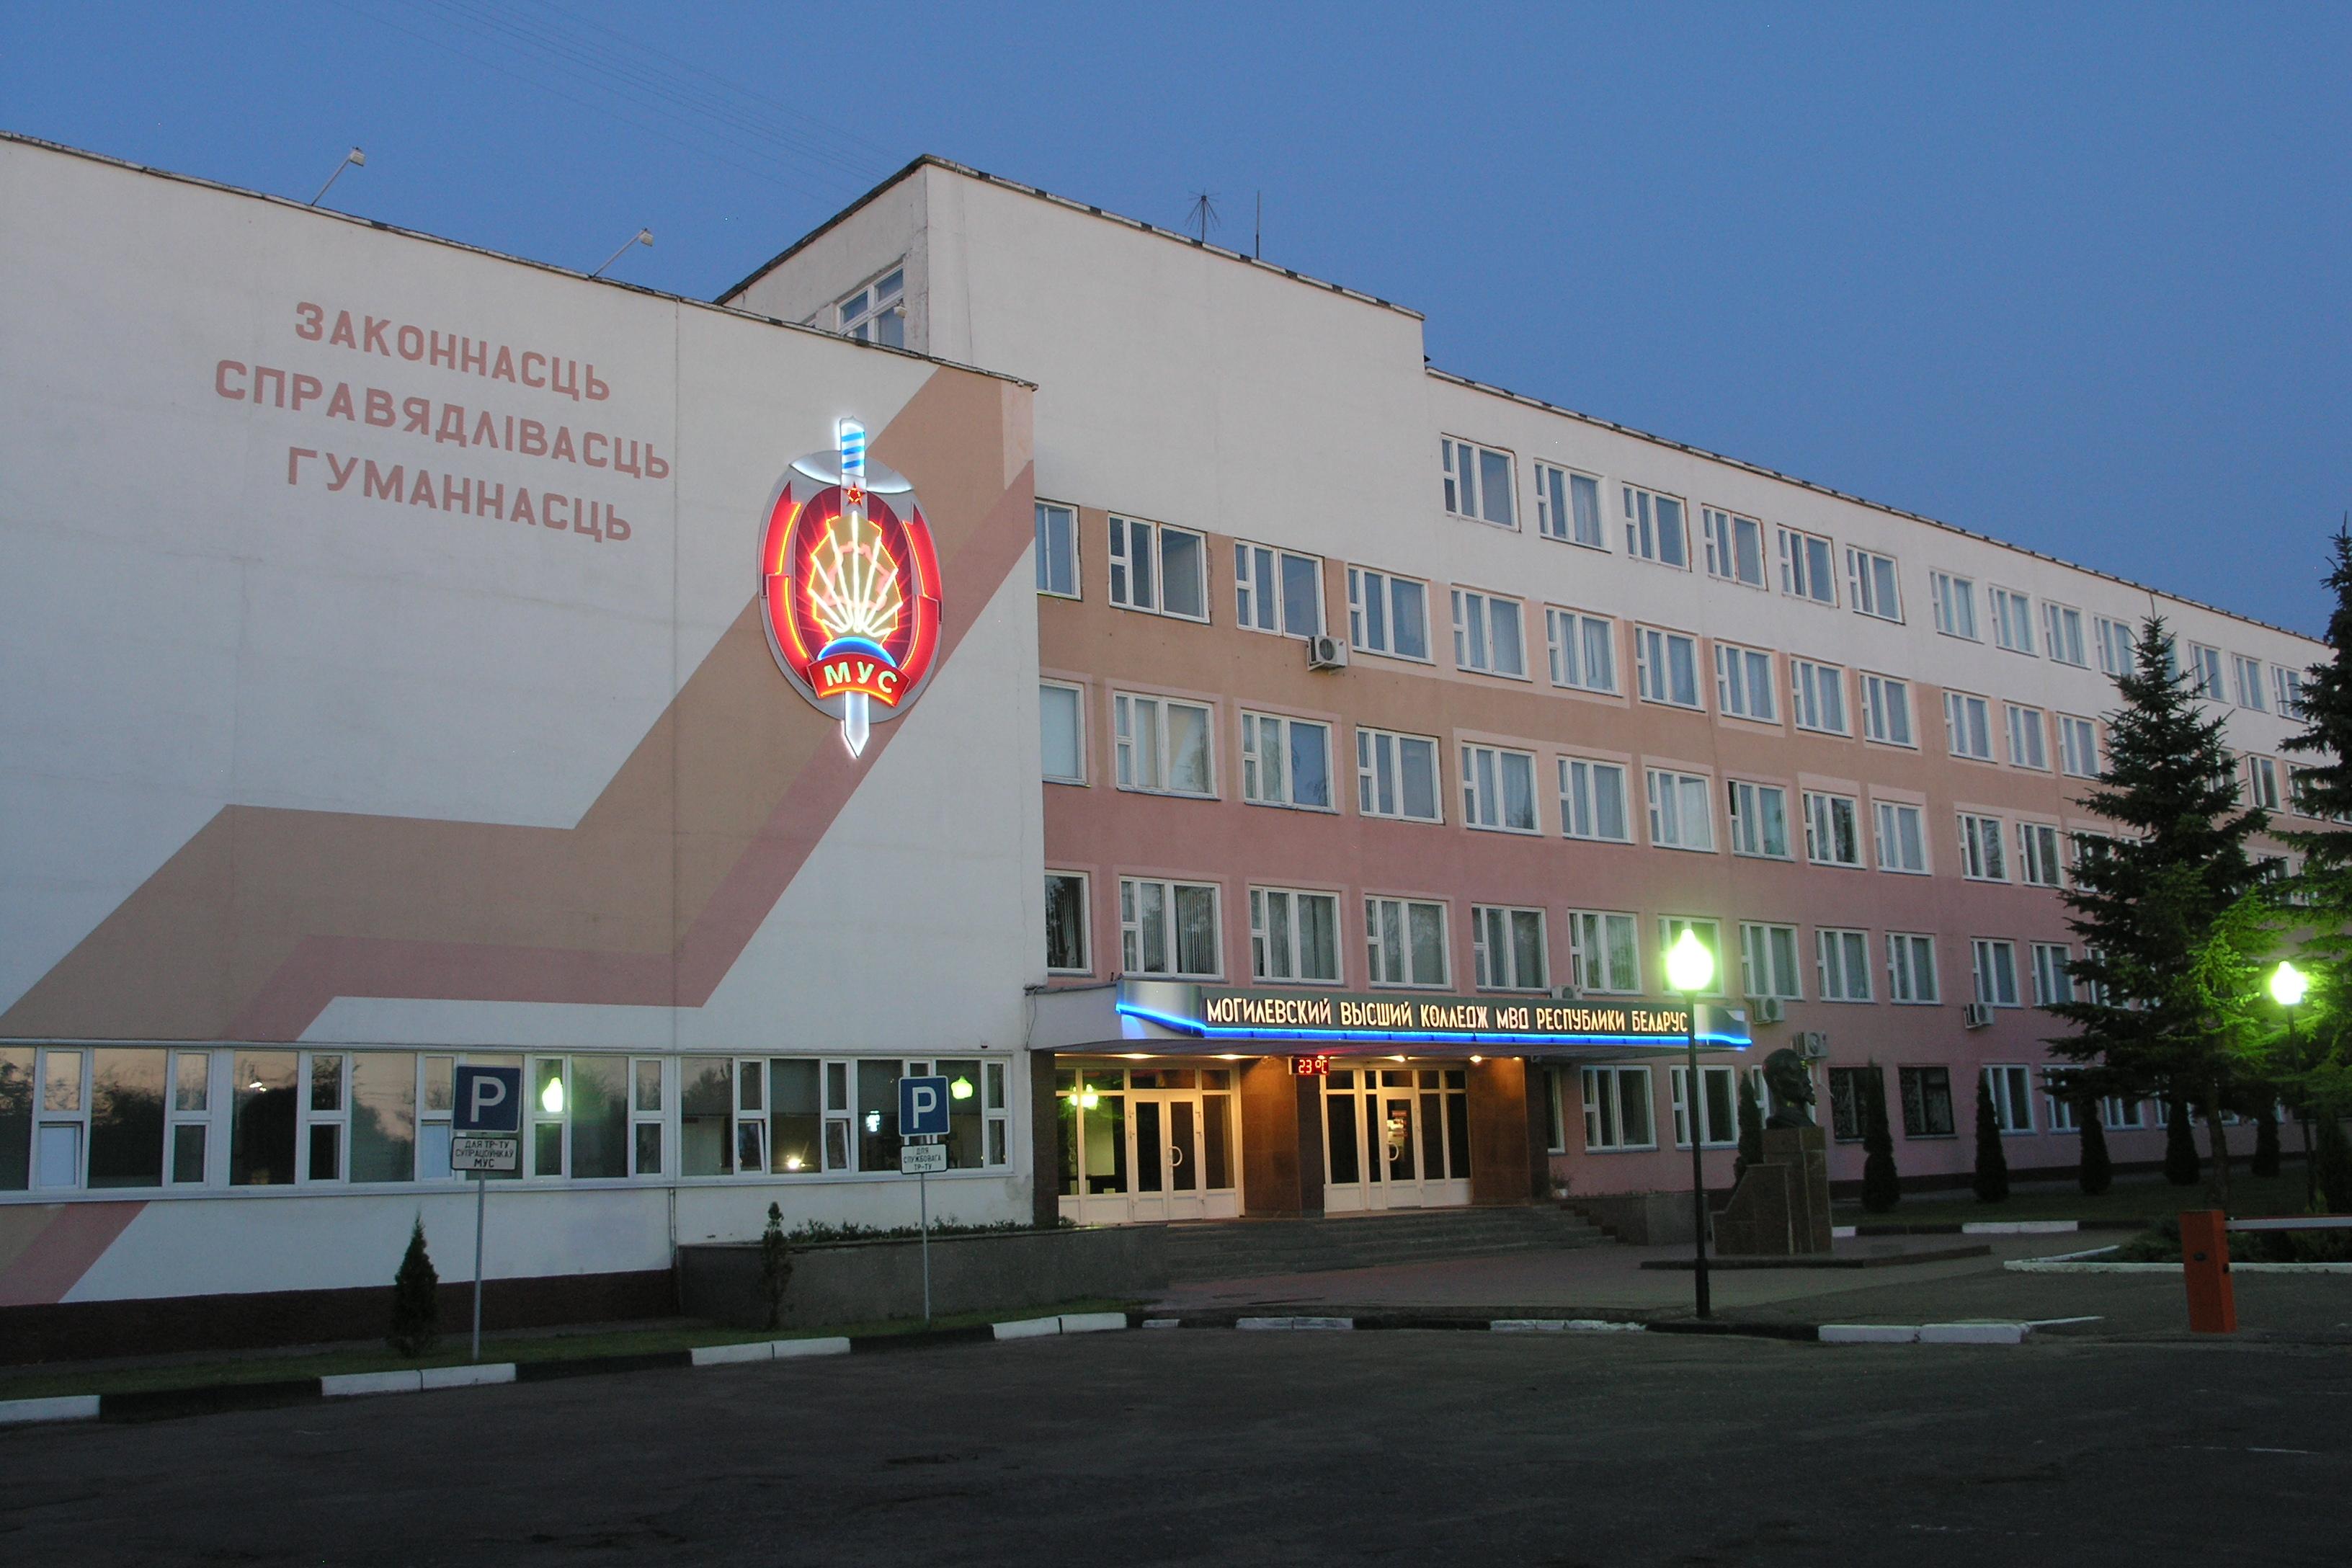 МВД: Заключенные Жодинской тюрьмы регулярно принимают пищу